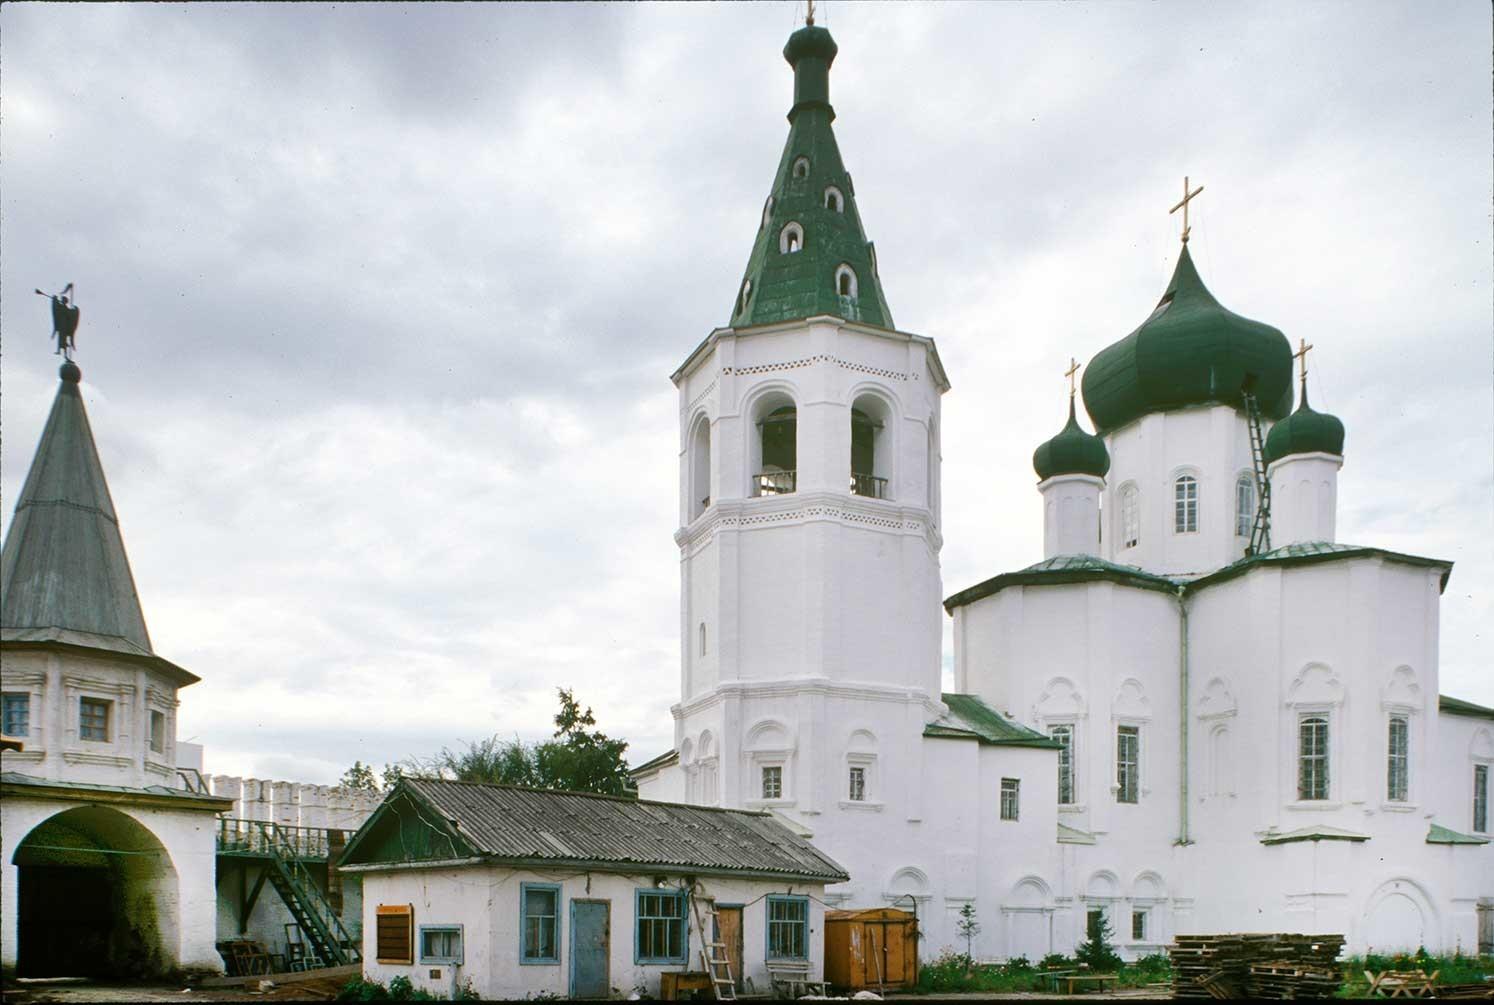 Monasterio de la Trinidad. De izquierda a derecha: Iglesia de los Santos Pedro y Pablo, campanario, portón sur y muro, Catedral de la Trinidad. Vista sureste. 29 de agosto de 1999.